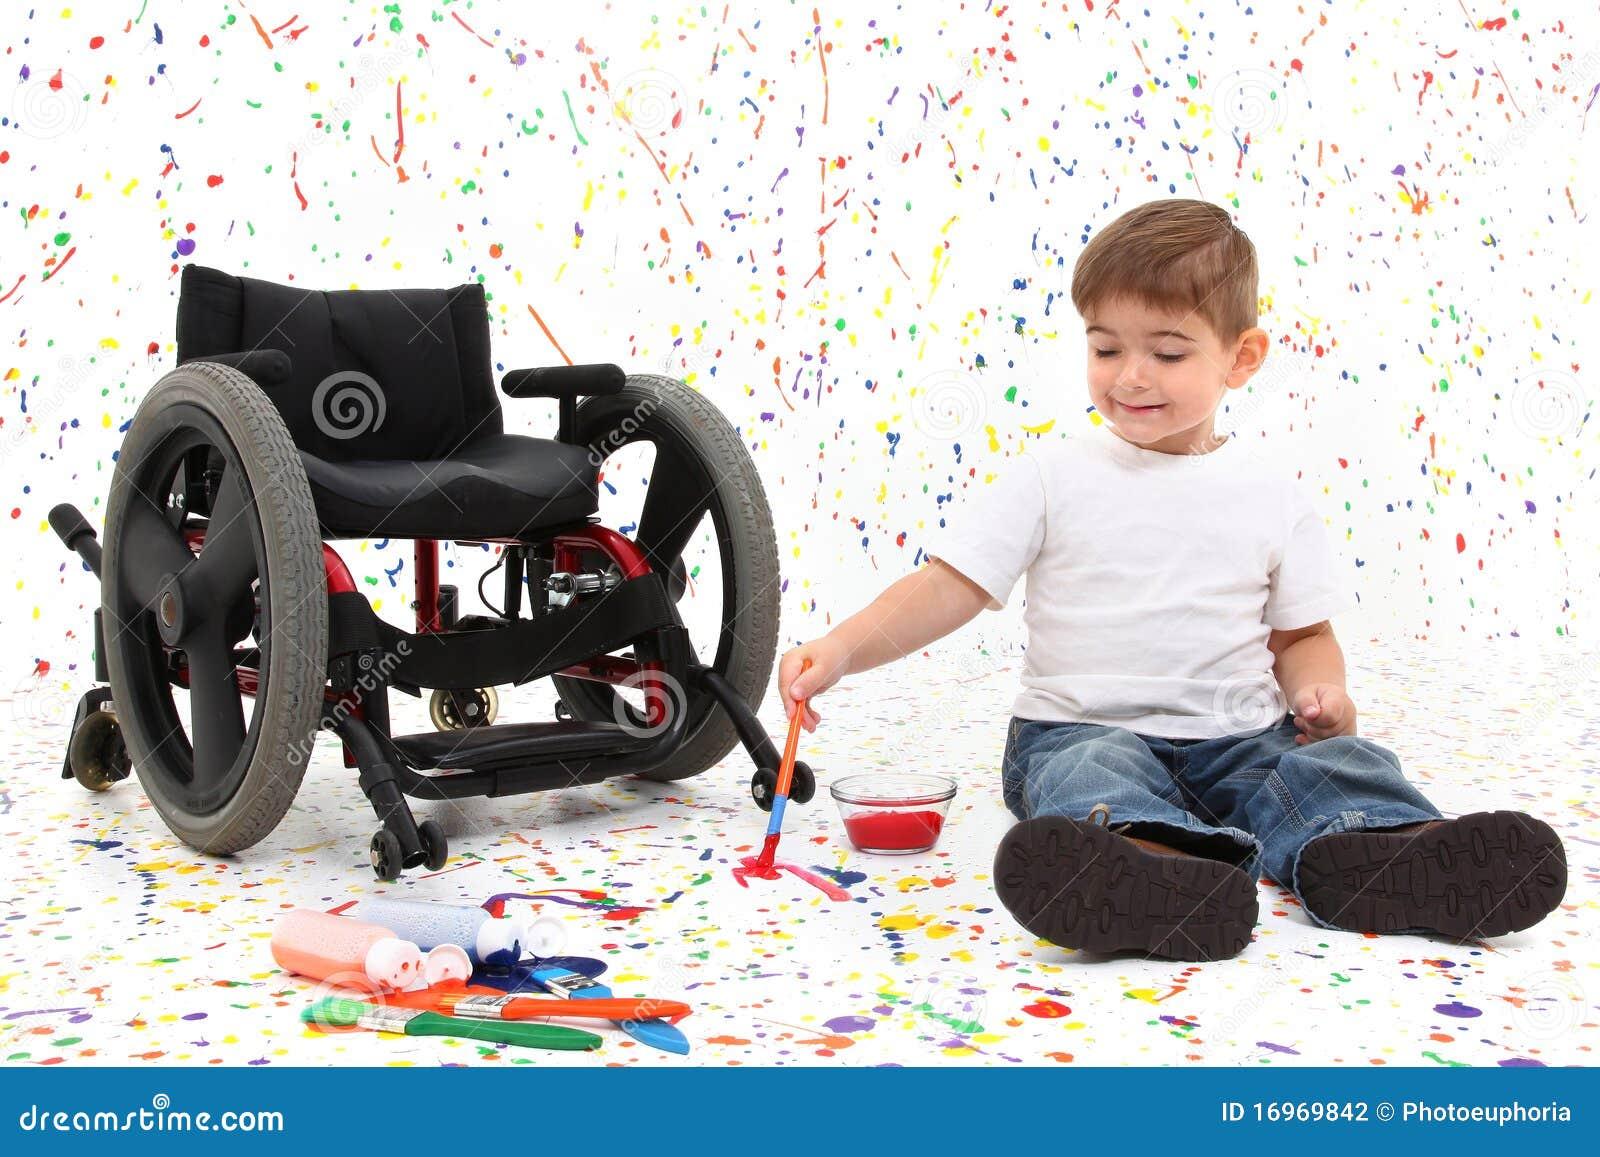 Het schilderen van het kind van de jongen rolstoel stock fotografie afbeelding 16969842 - Schilderen kind jongen ...